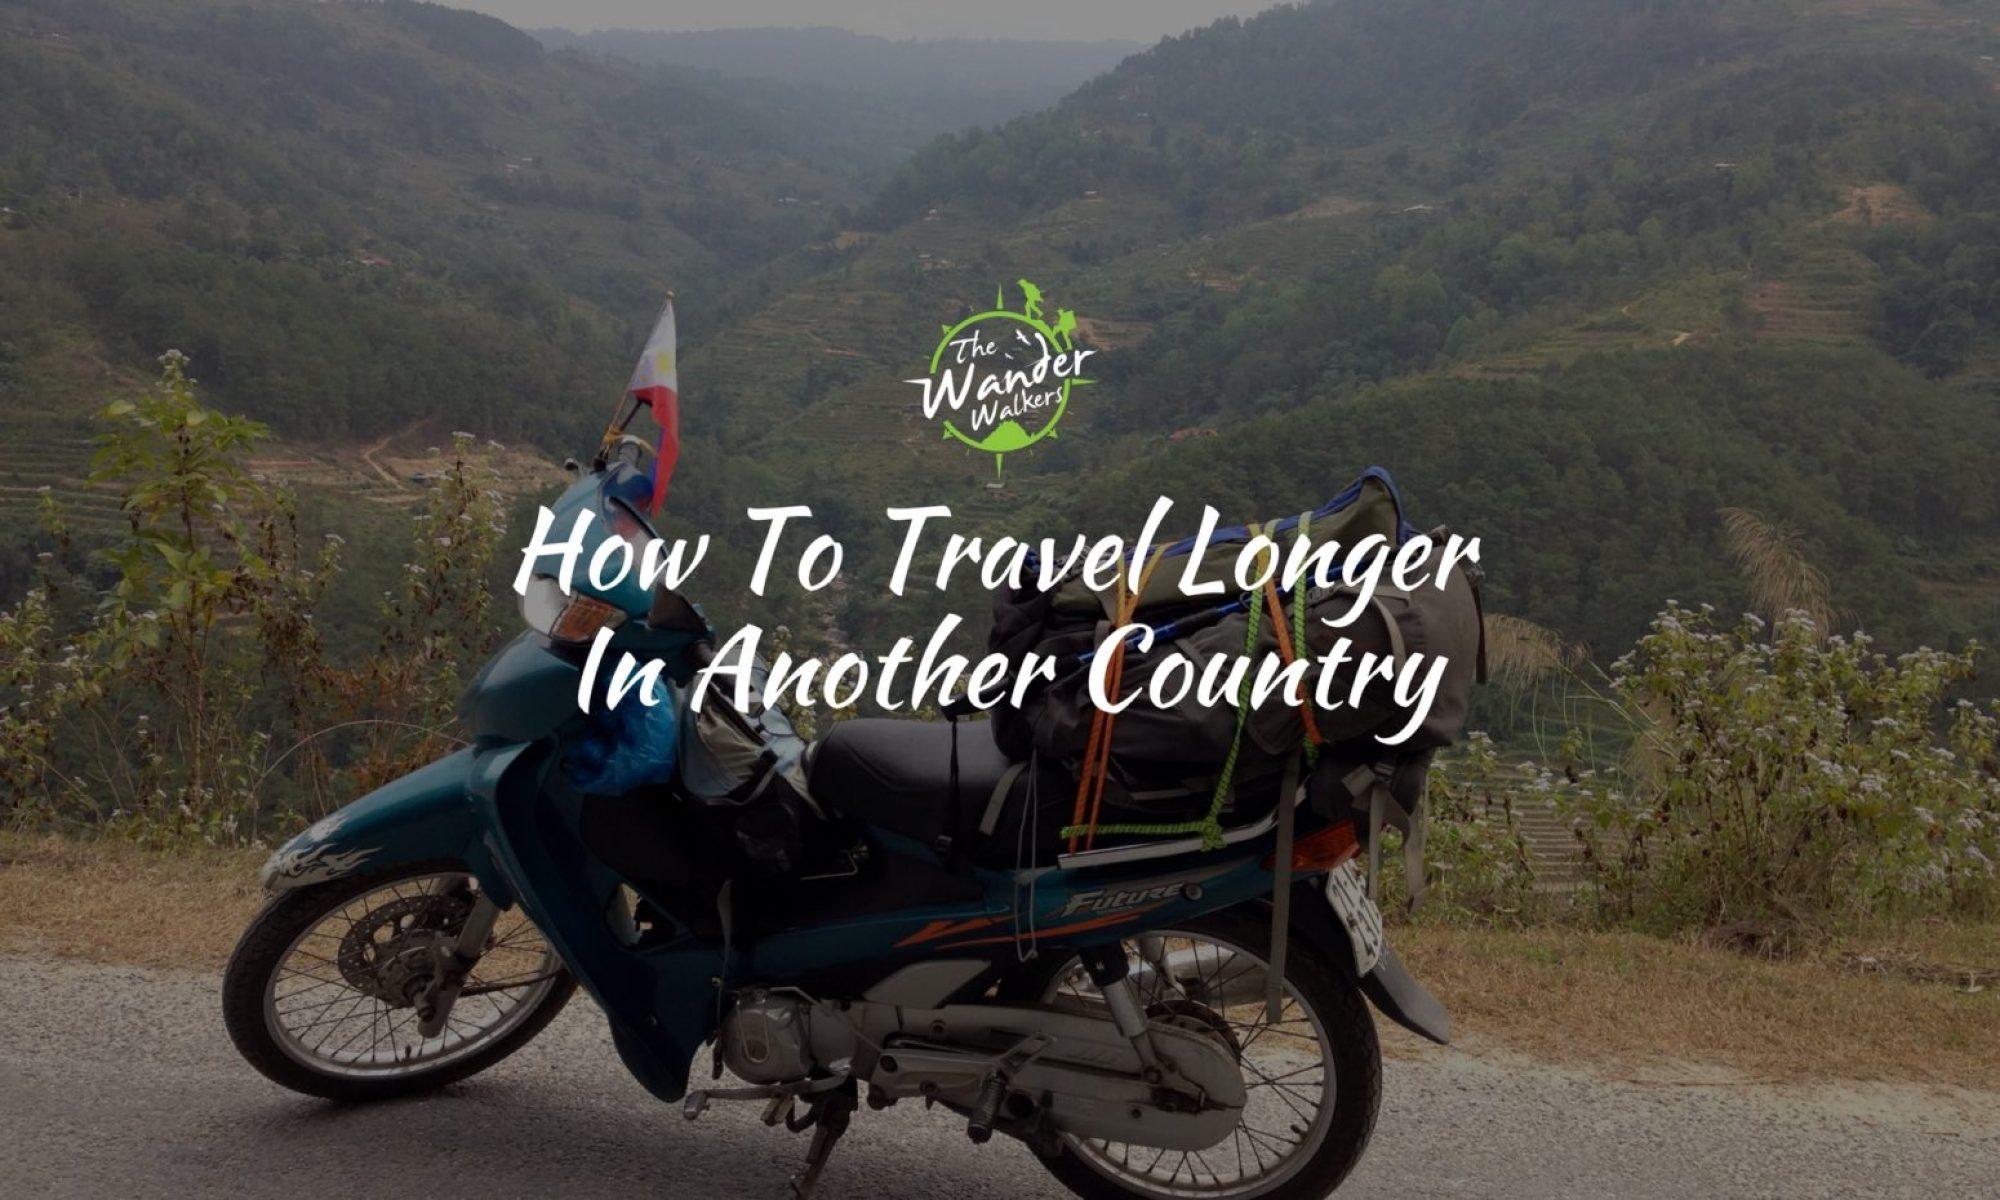 travel longer